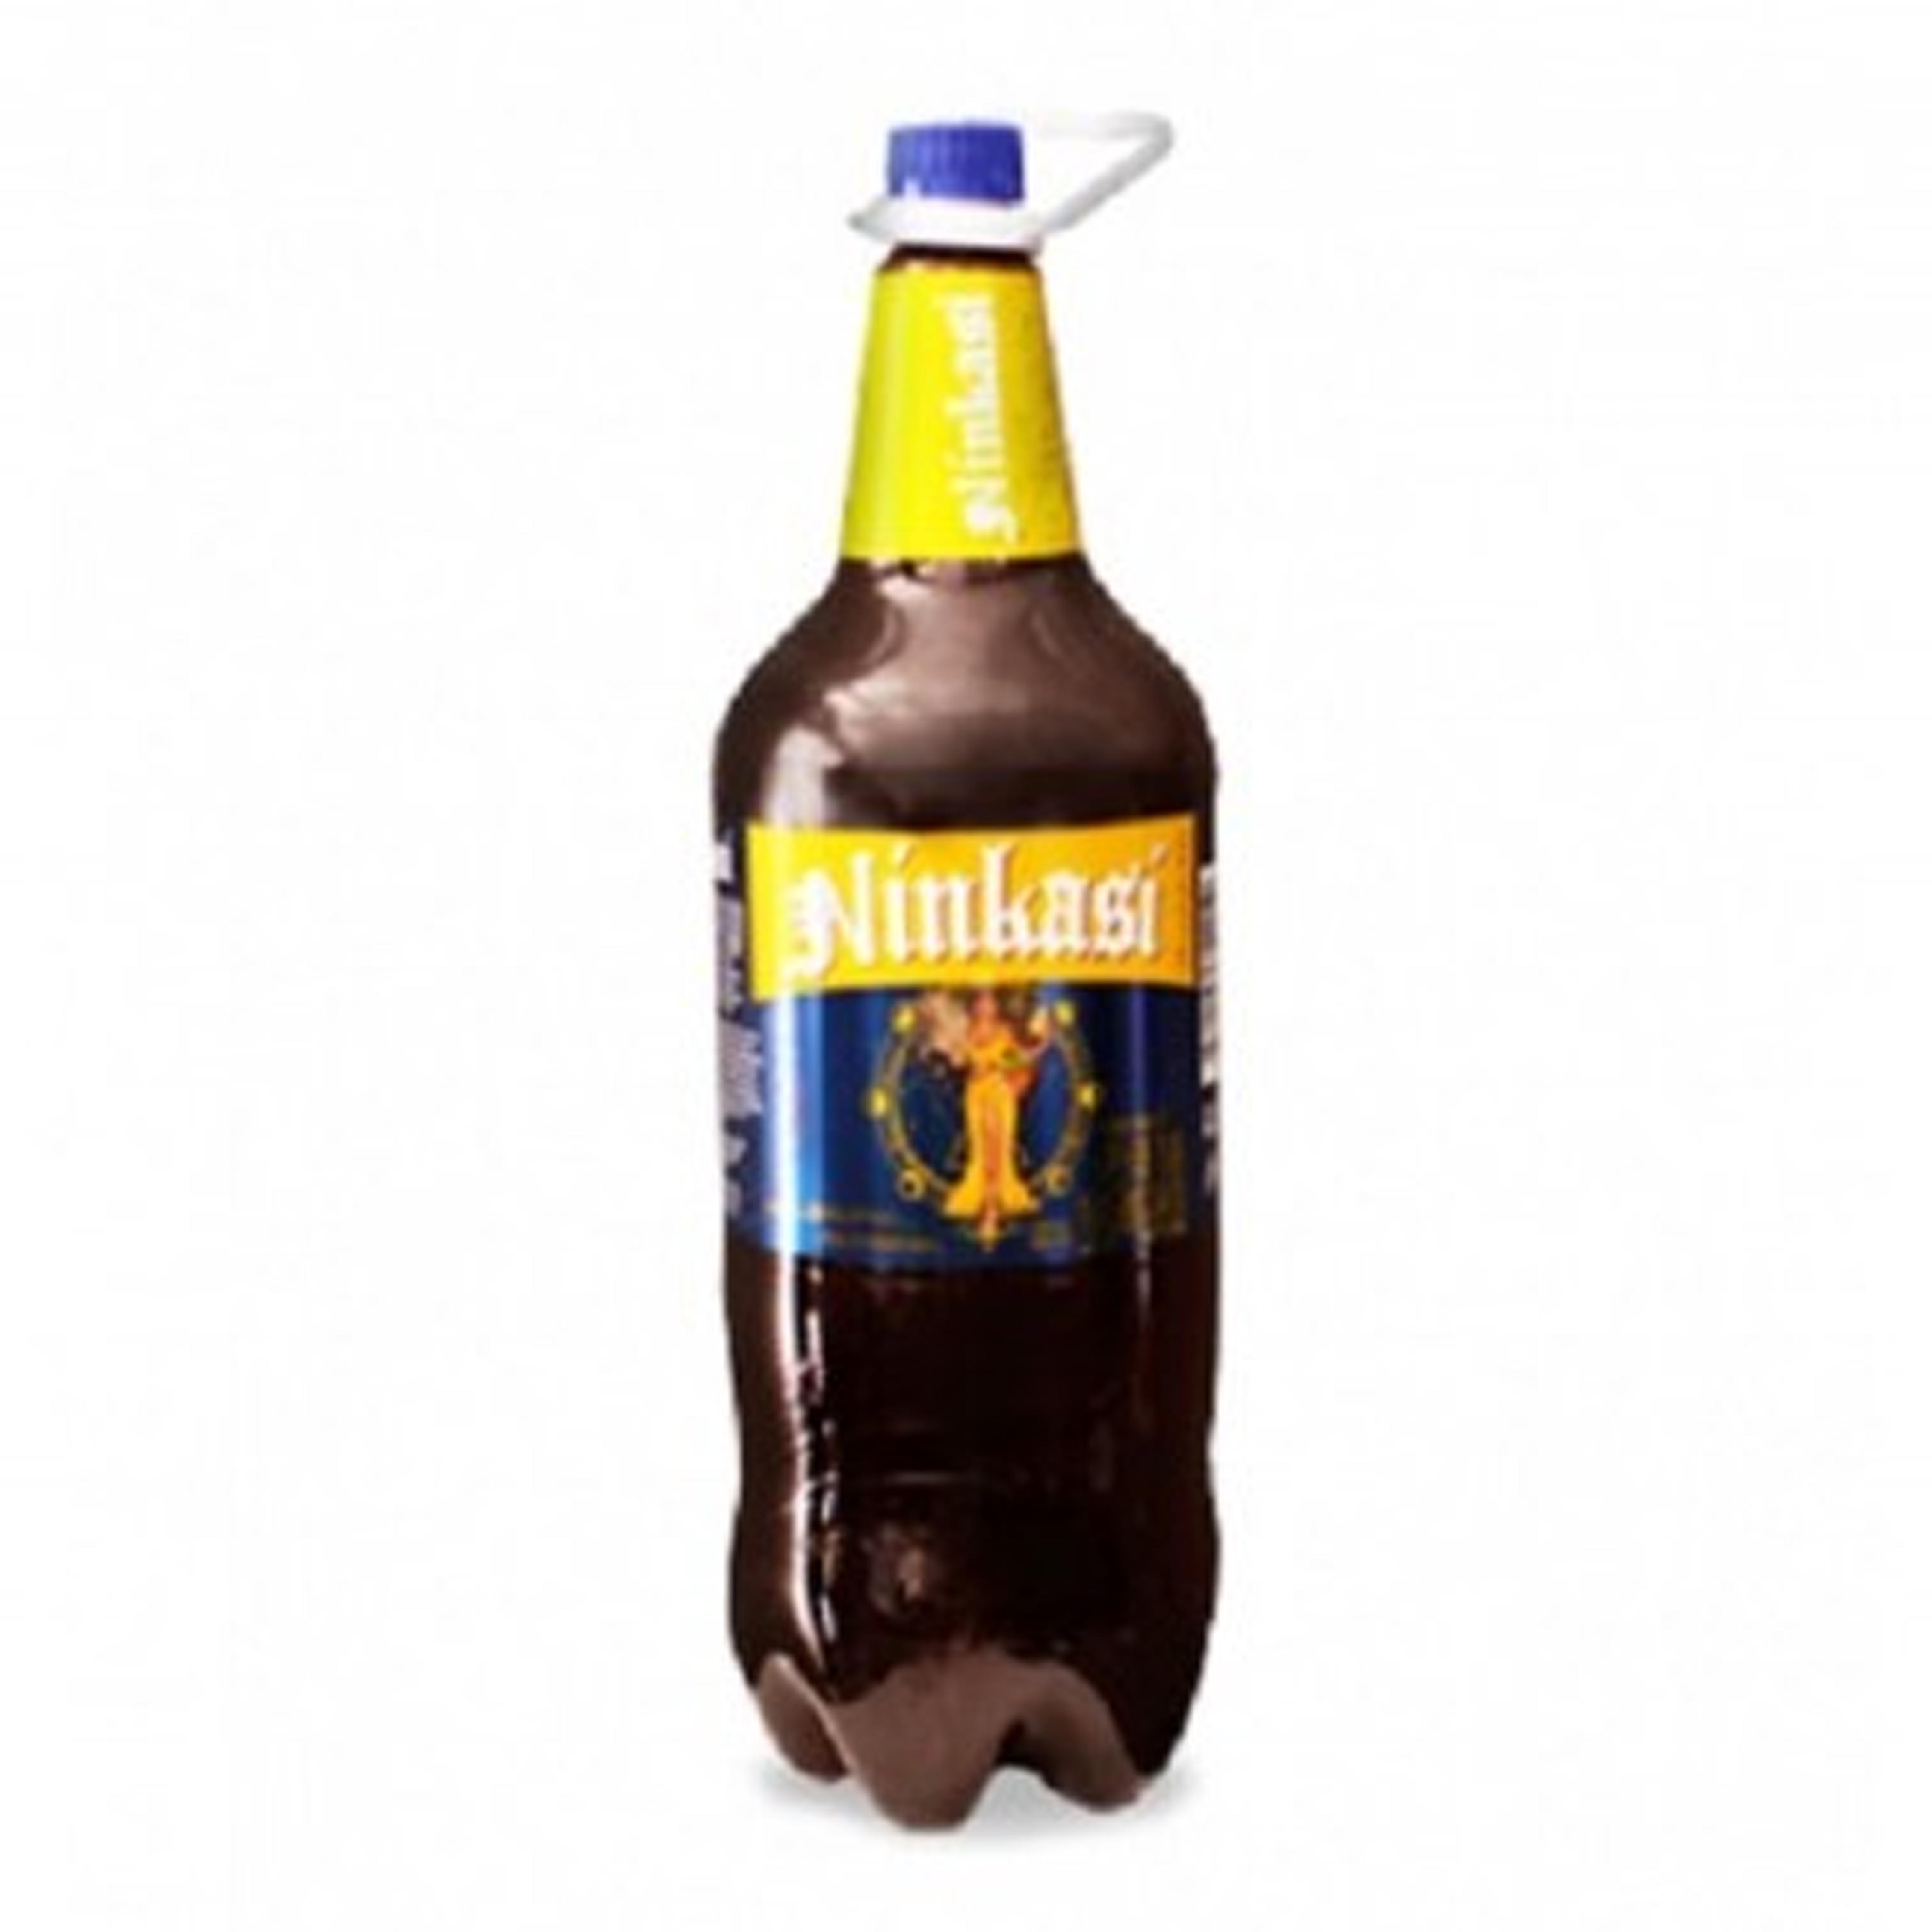 ლუდი ნინკასი 2.5 ლ. პეტი